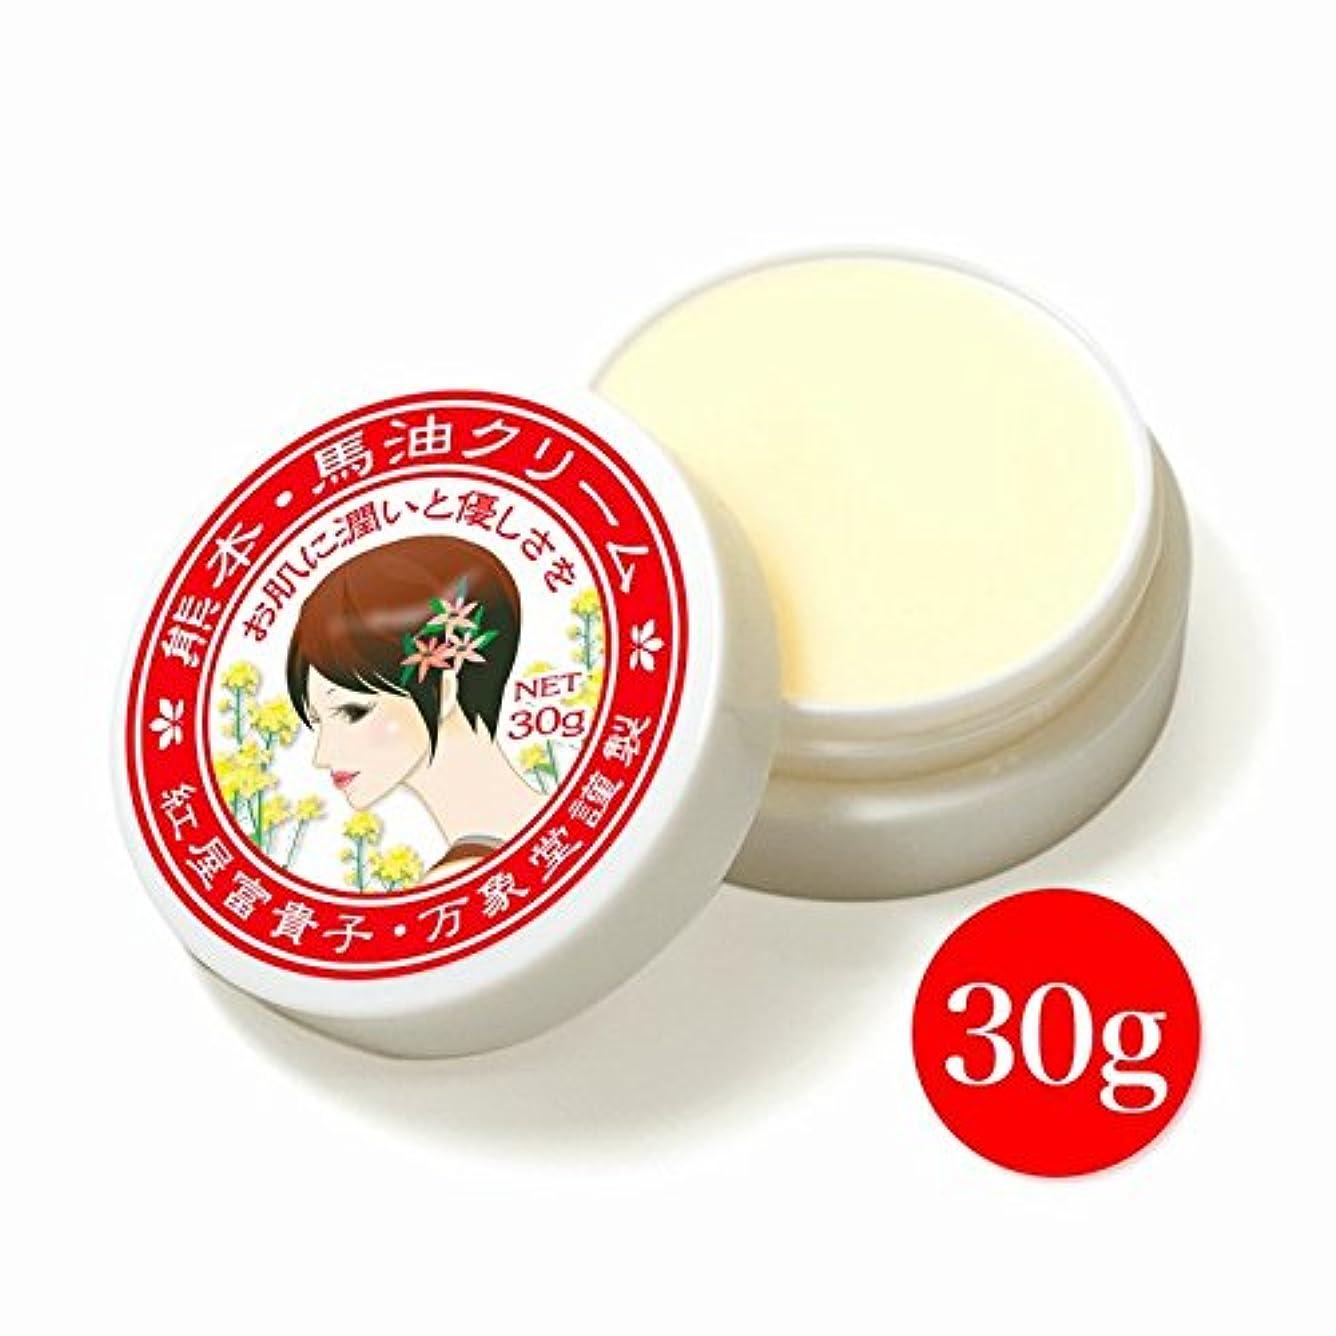 プレビスサイト高層ビルくびれた森羅万象堂 馬油クリーム 30g (ラベンダーの香り)精油 アロマ 国産 保湿 スキンクリーム